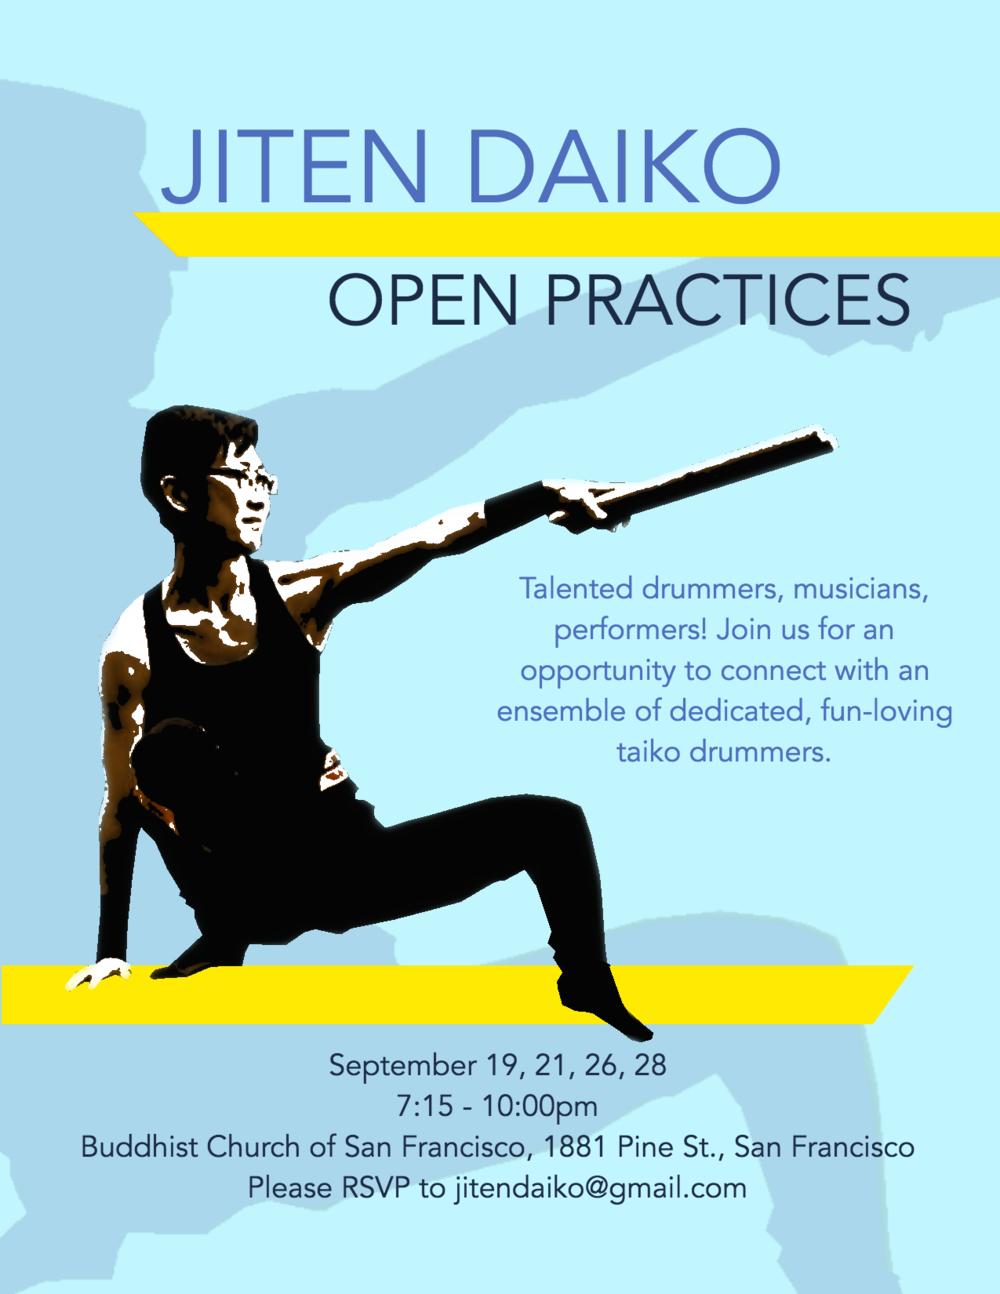 jiten daiko open practice 2017.jpg